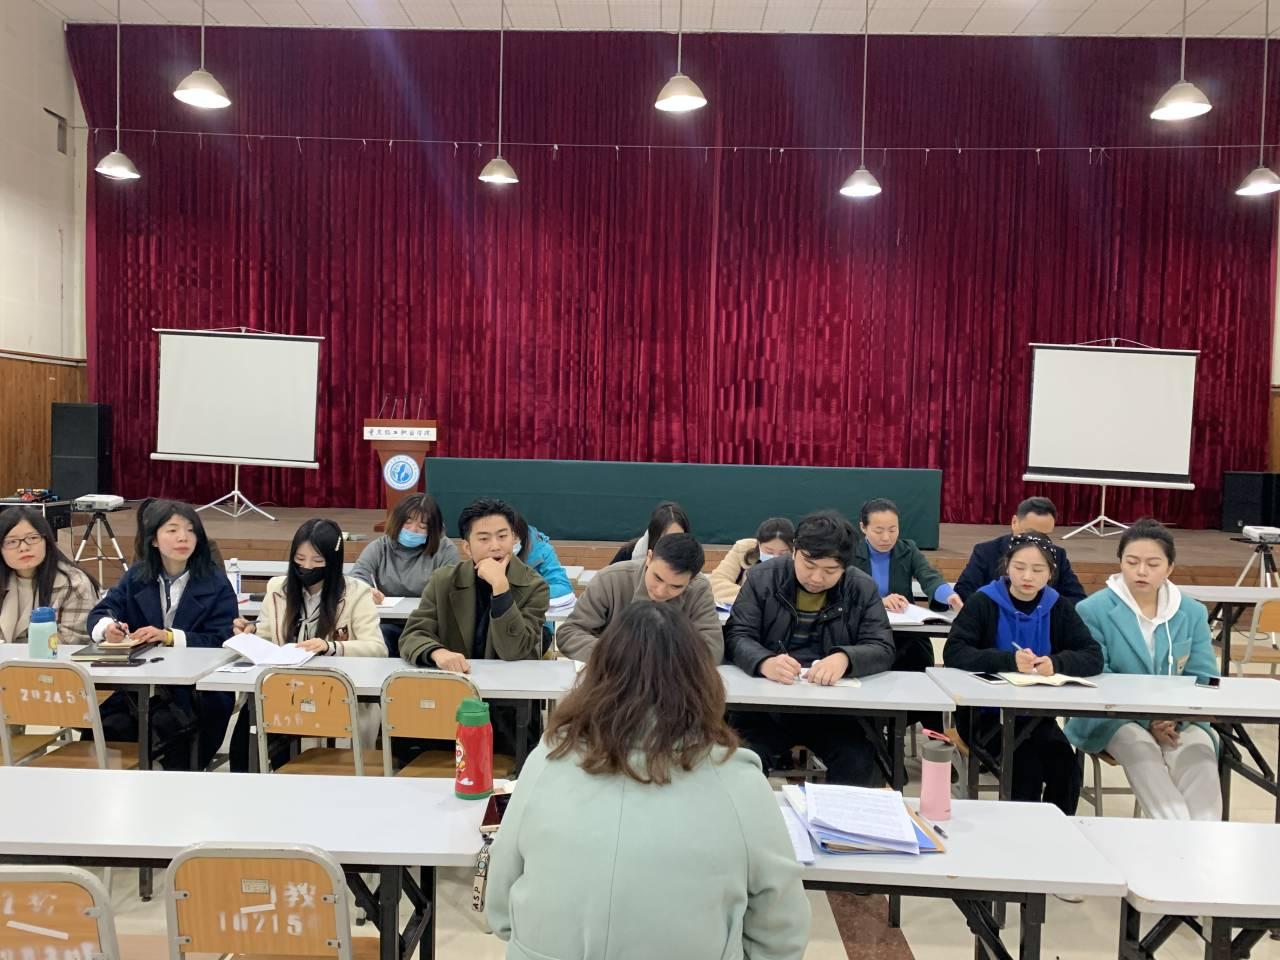 磨刀不误砍柴工——人文教育学院召开新学期教学工作安排会议